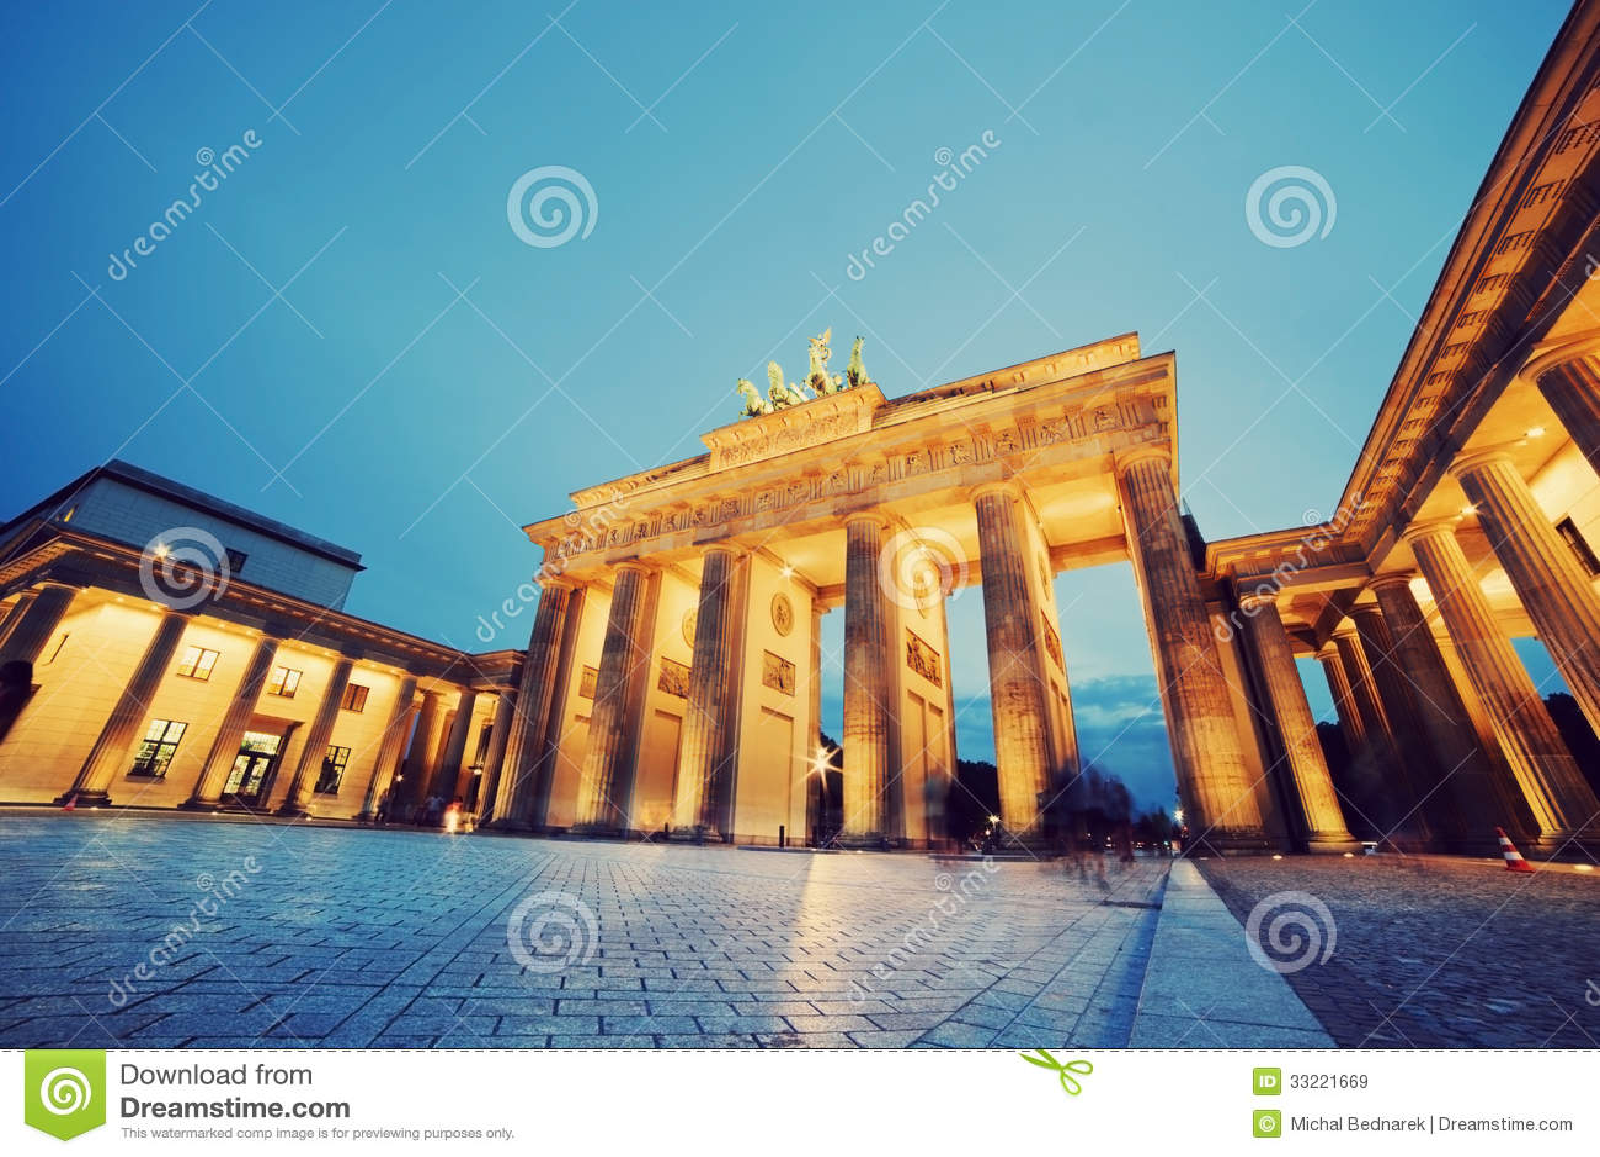 勃兰登堡门,柏林,德国